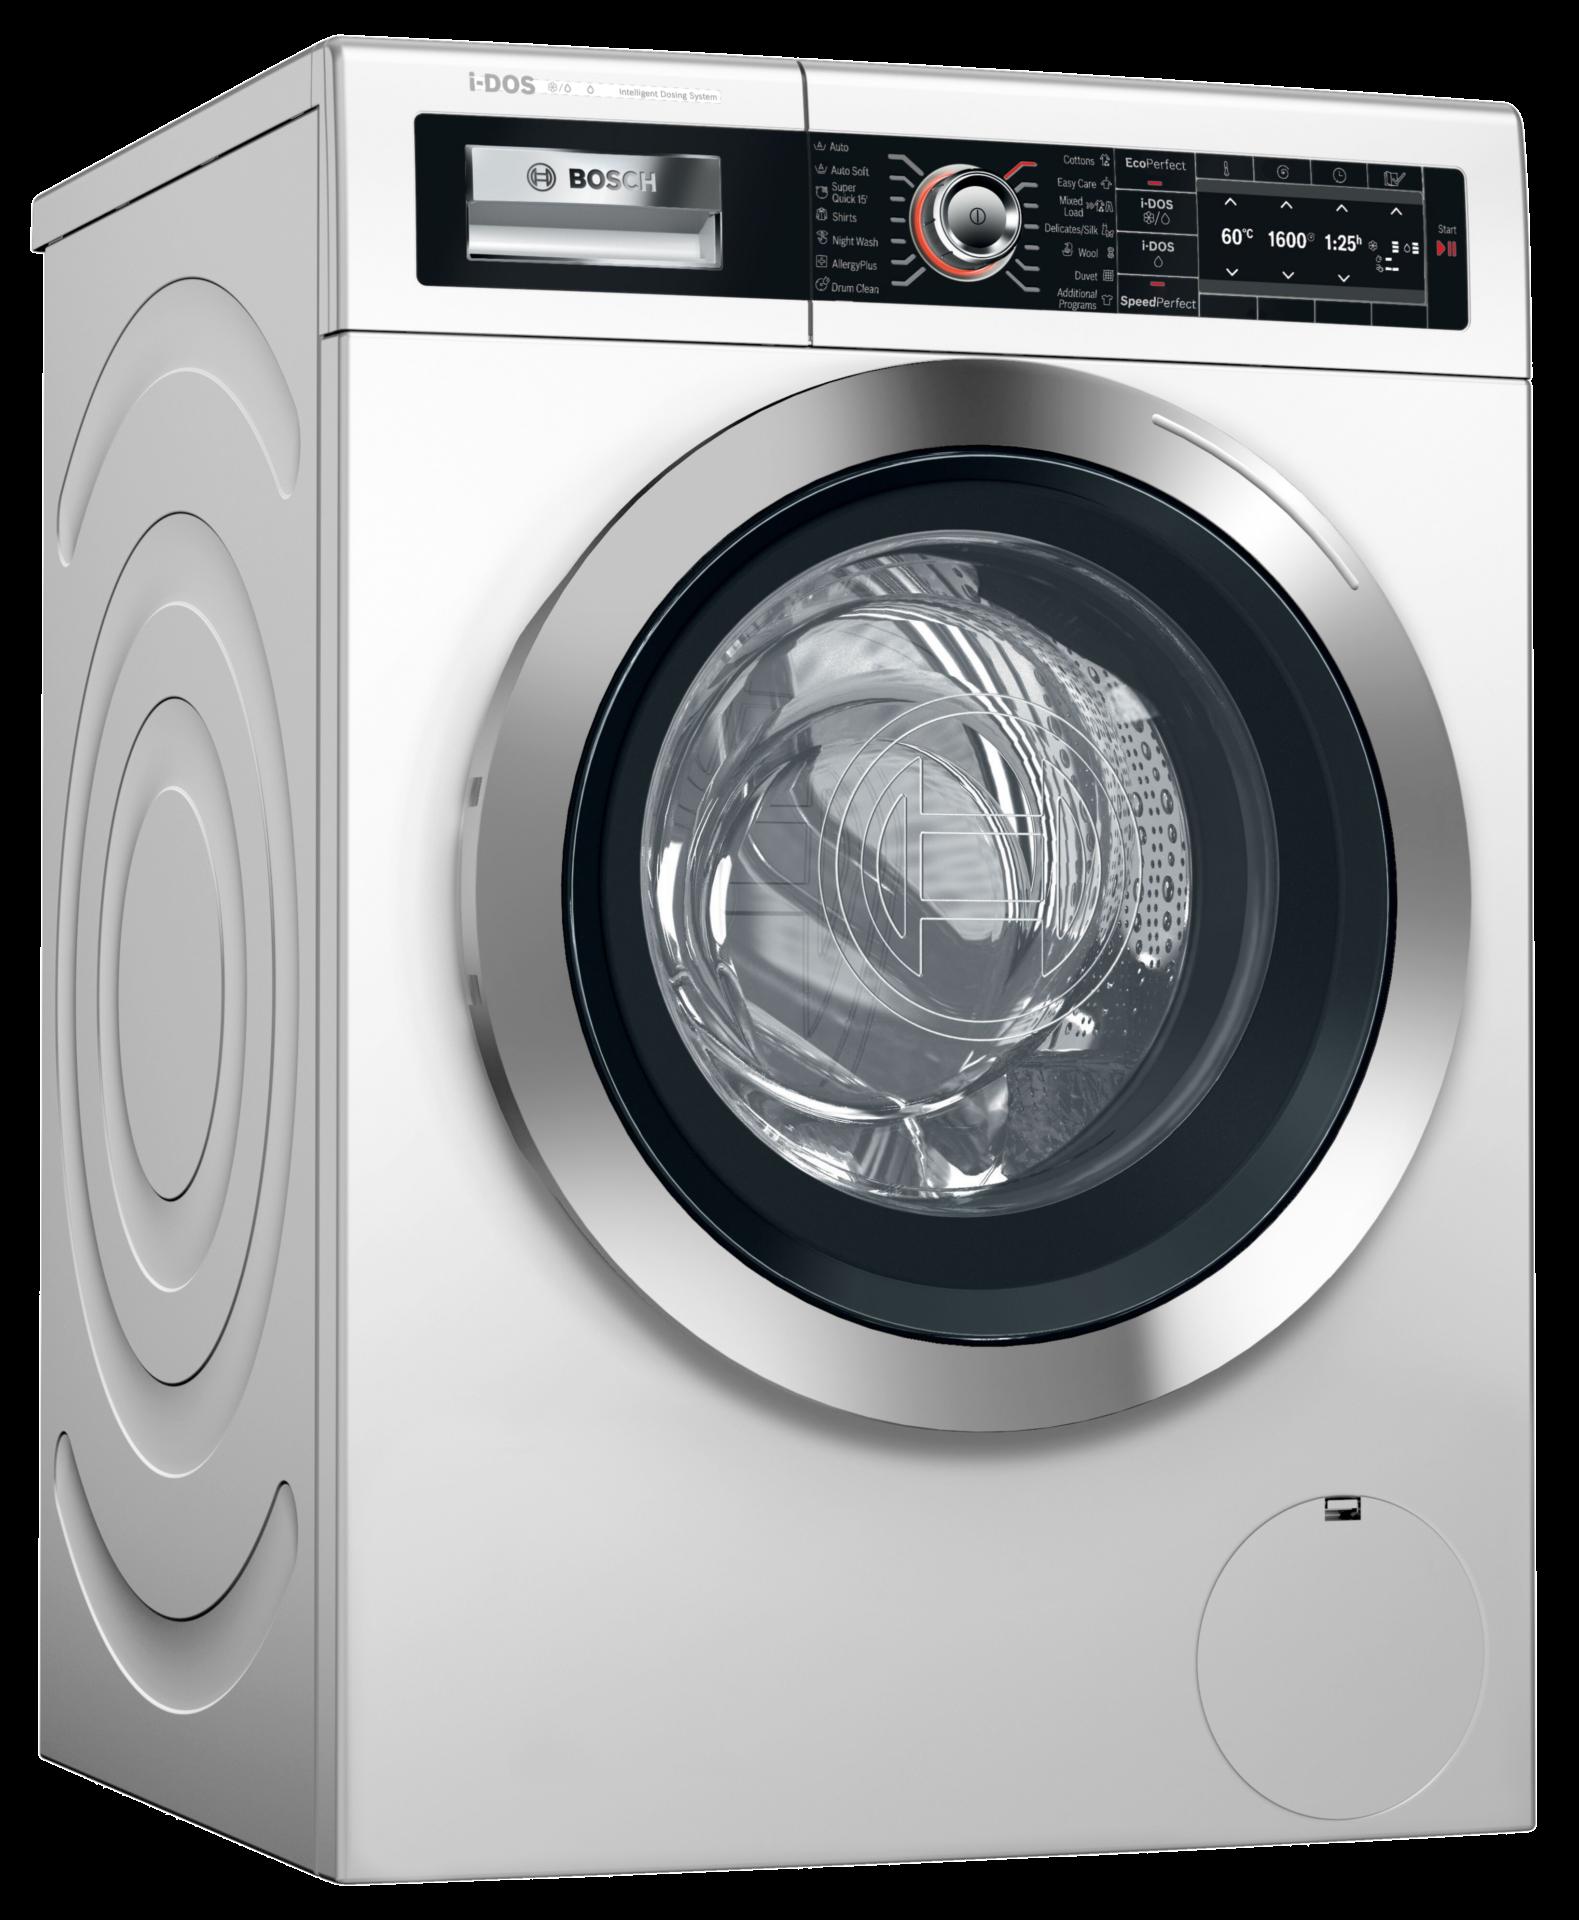 WeWash Care Waschmaschine i-DOS von BOSCH